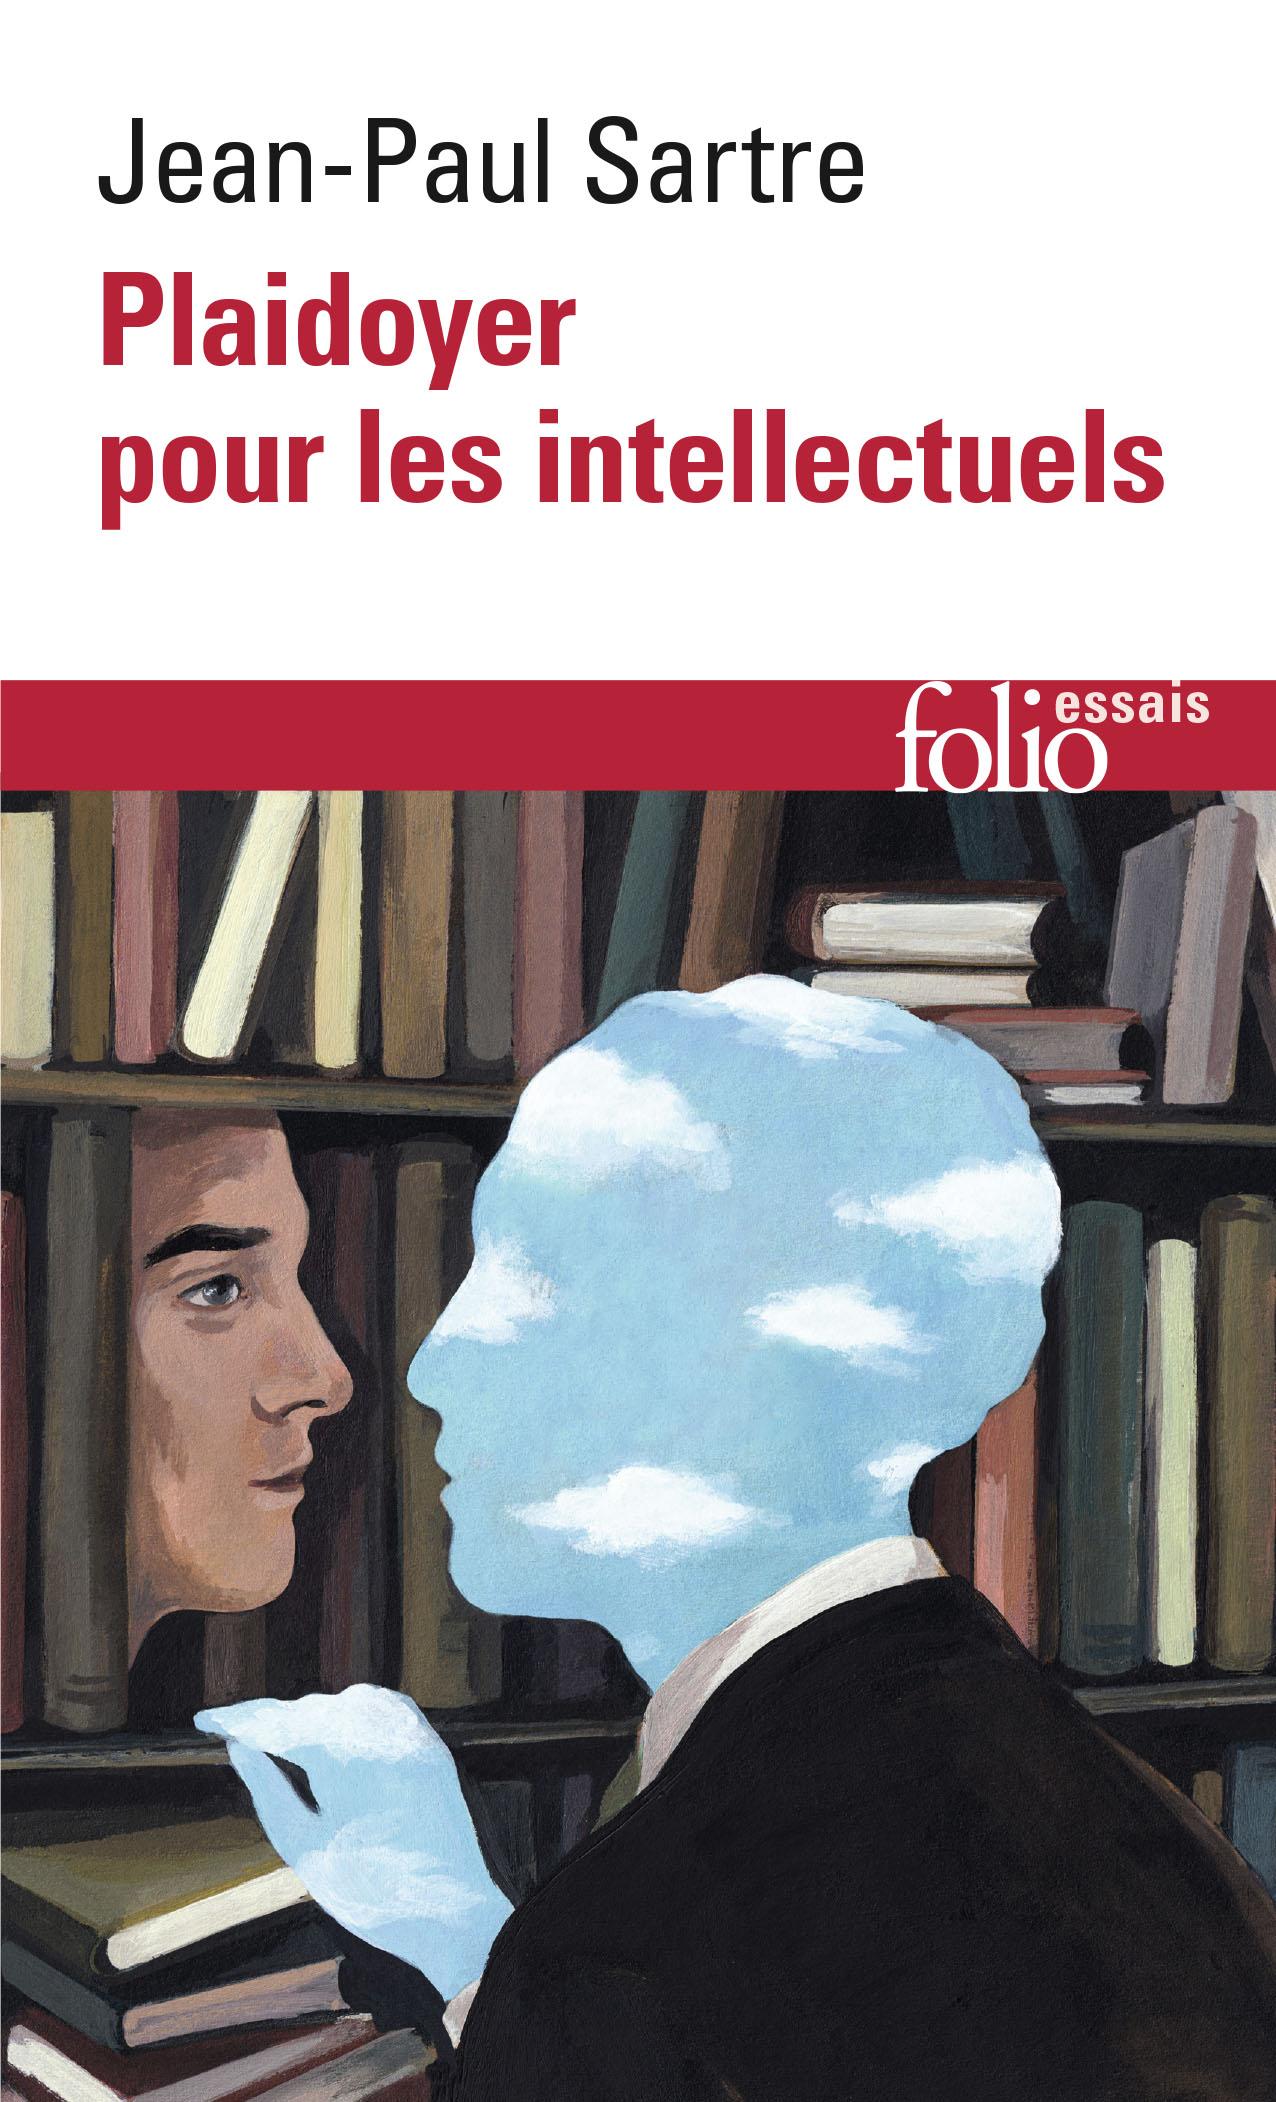 J.-P. Sartre, Plaidoyer pour les intellectuels